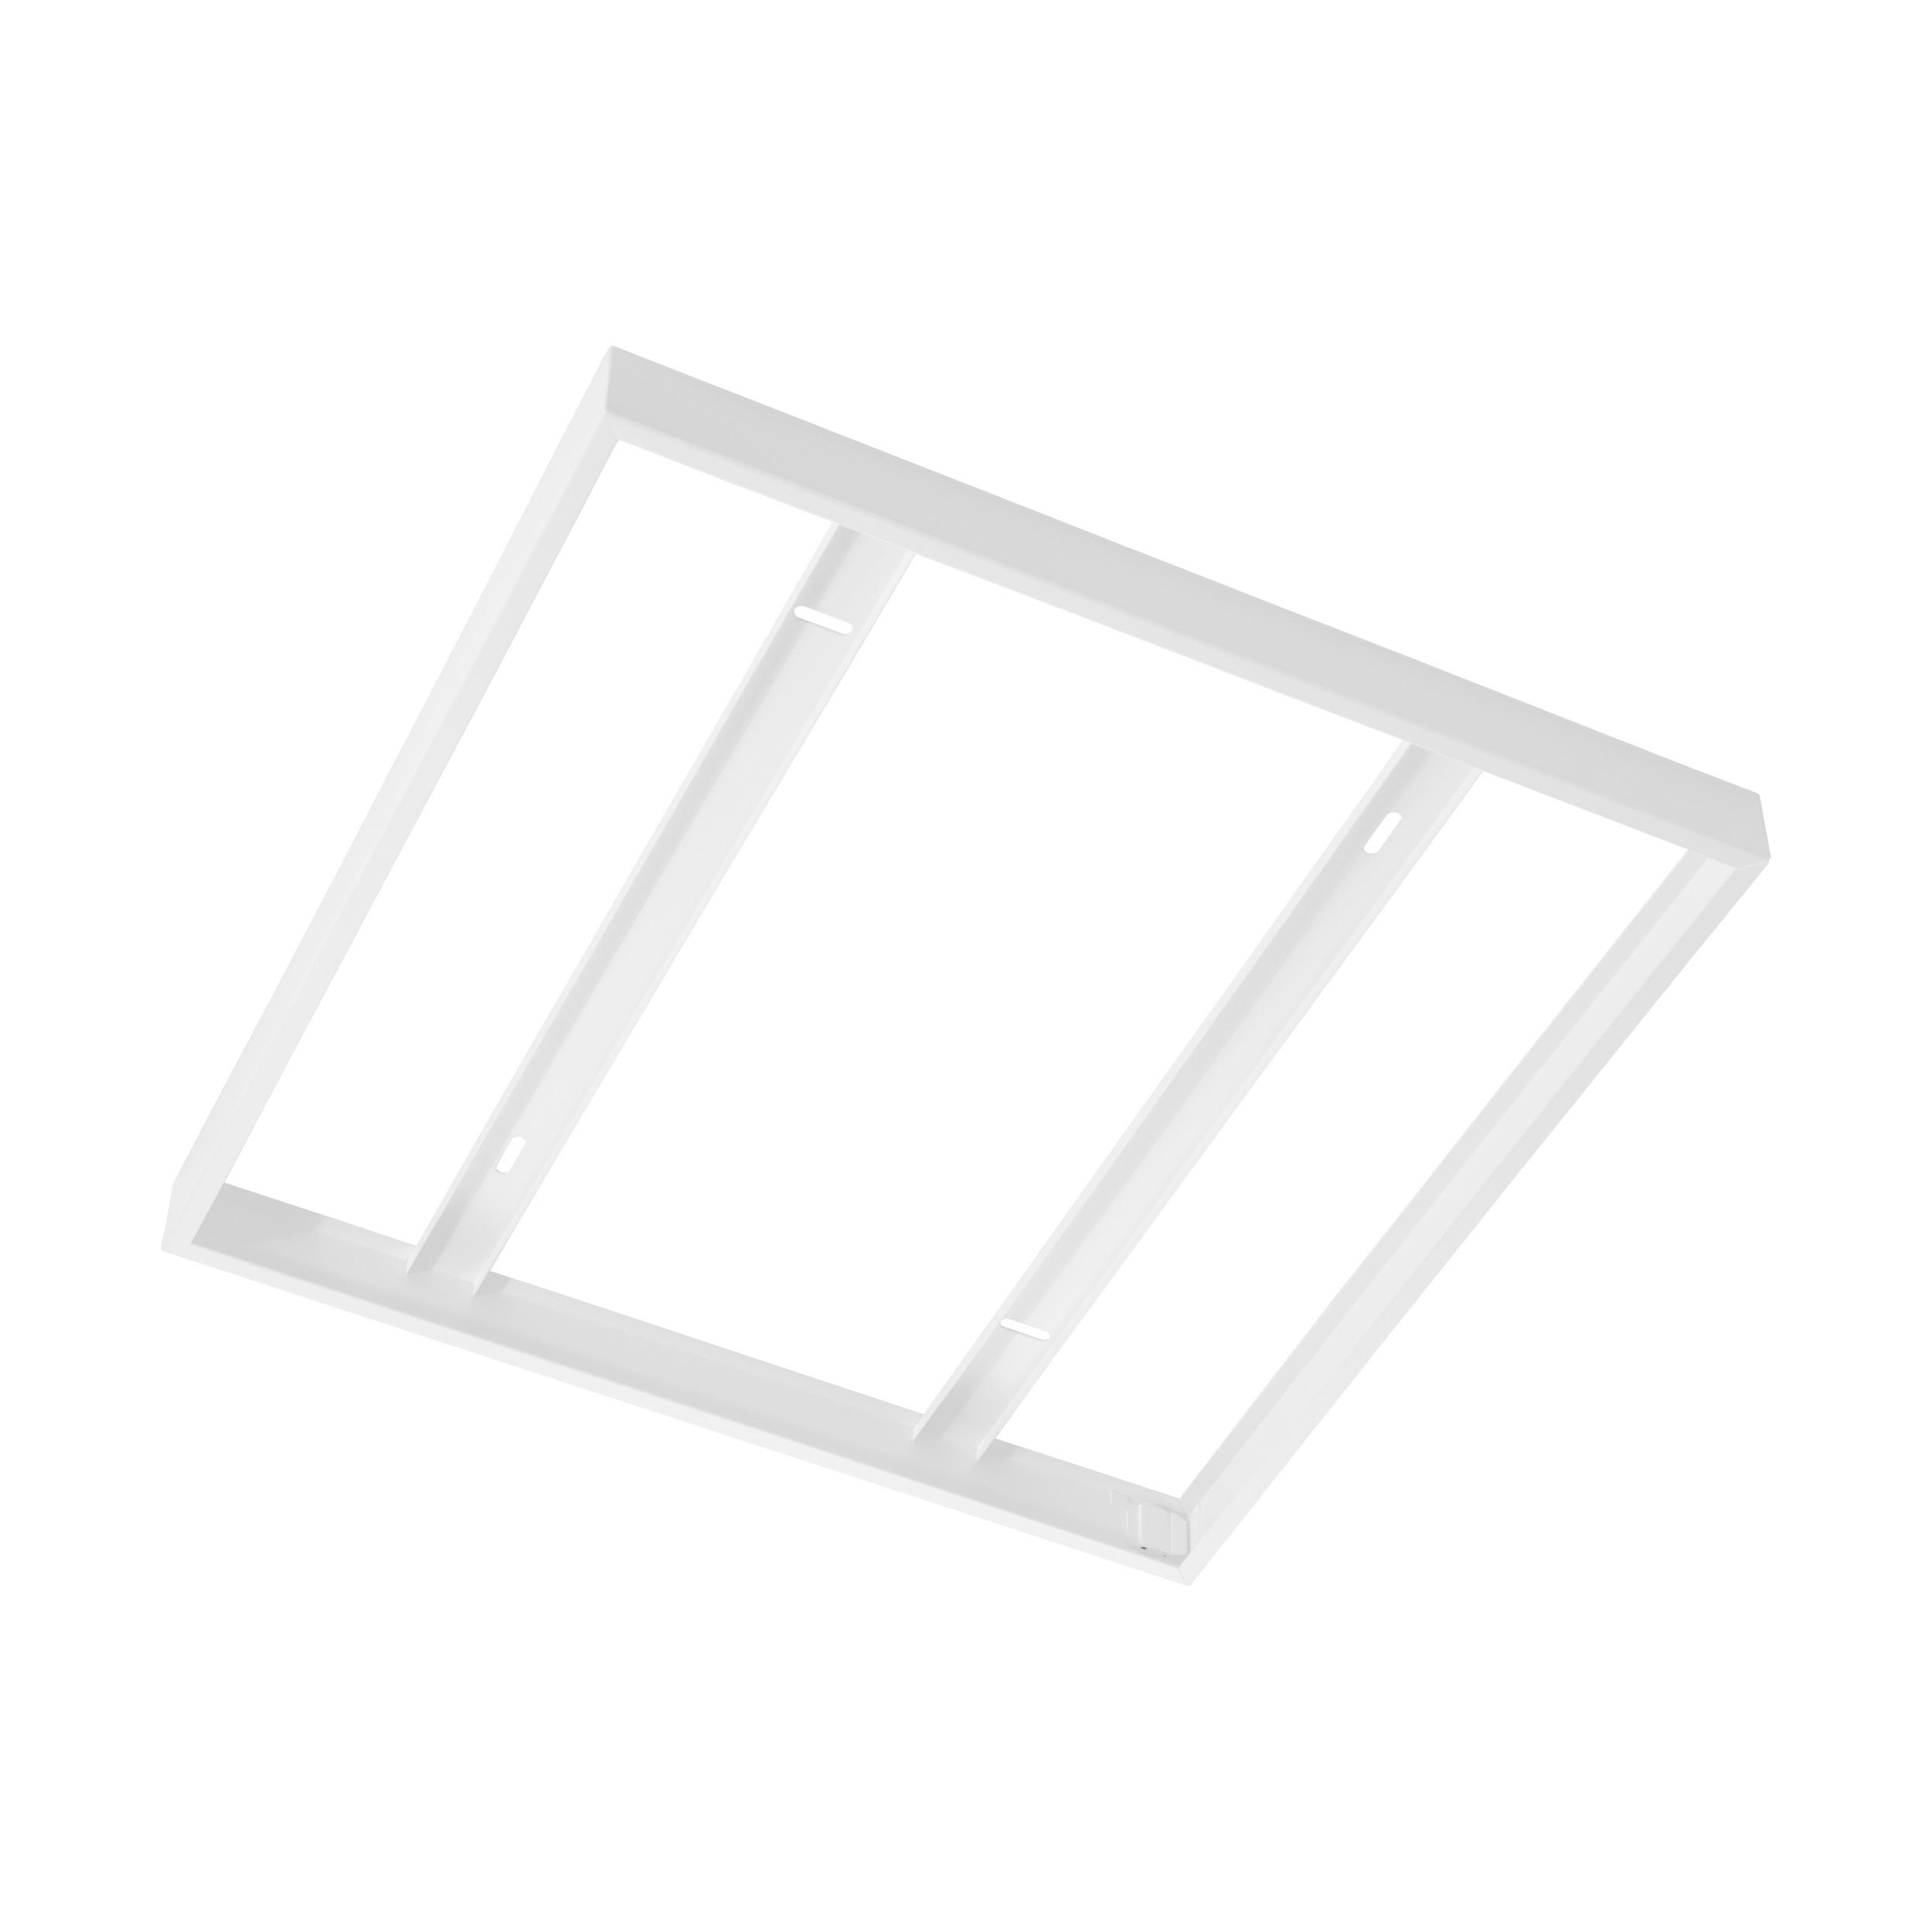 1 Stk Aufbaurahmen für Salobrena 1 595 / 620 weiß  LI61358---